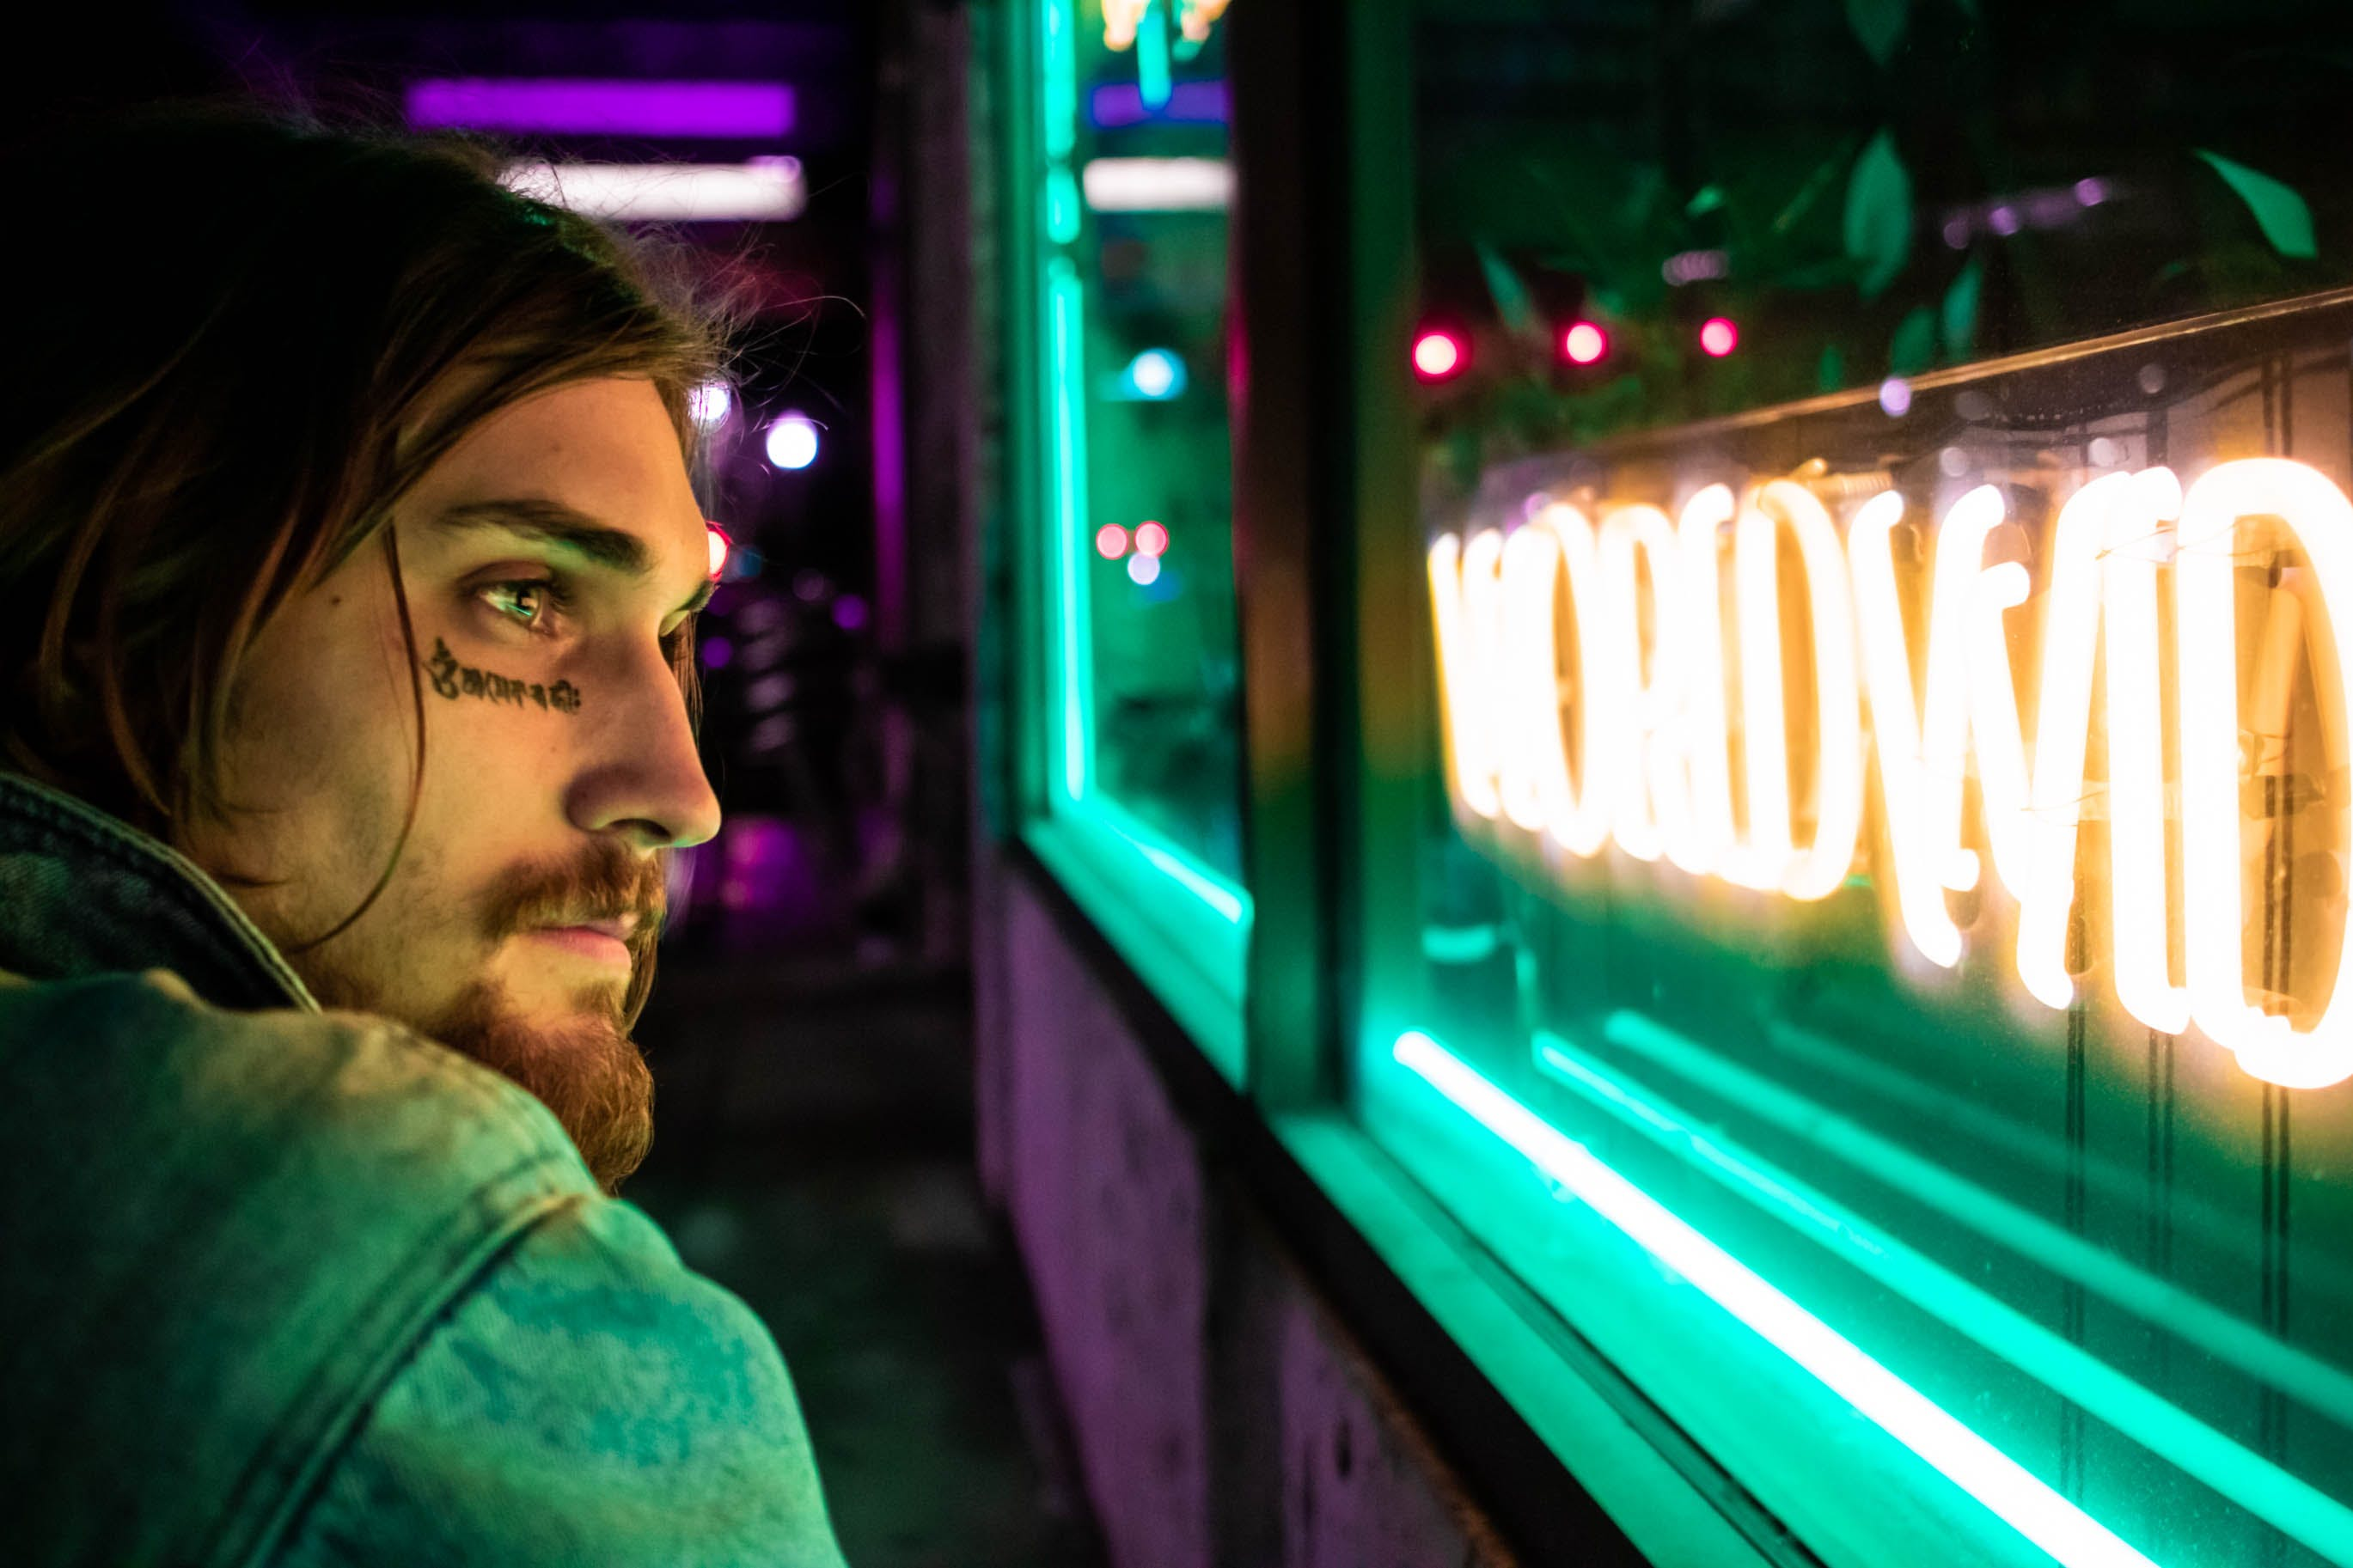 Man Near Neon Sign